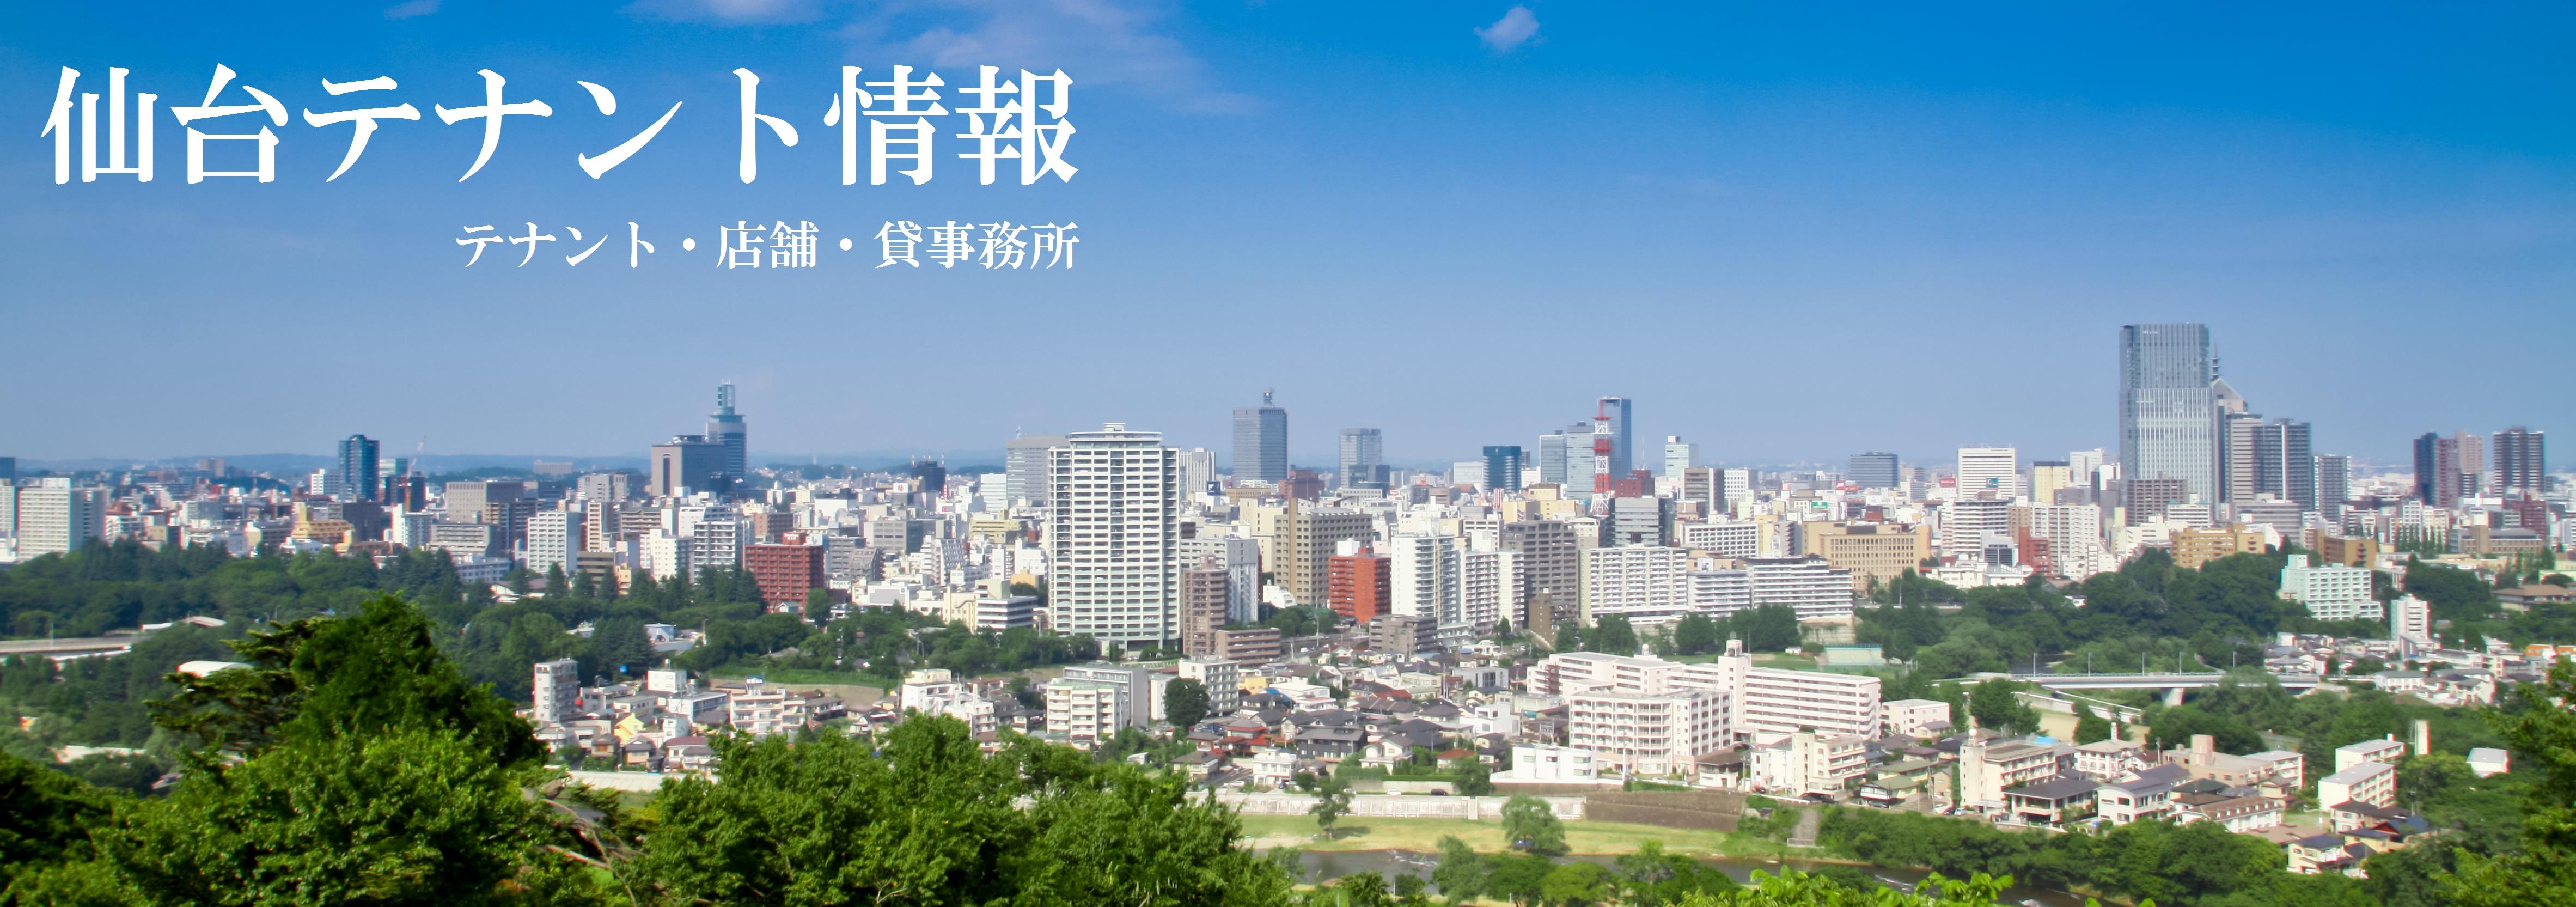 0.33仙台テナント情報oikawa